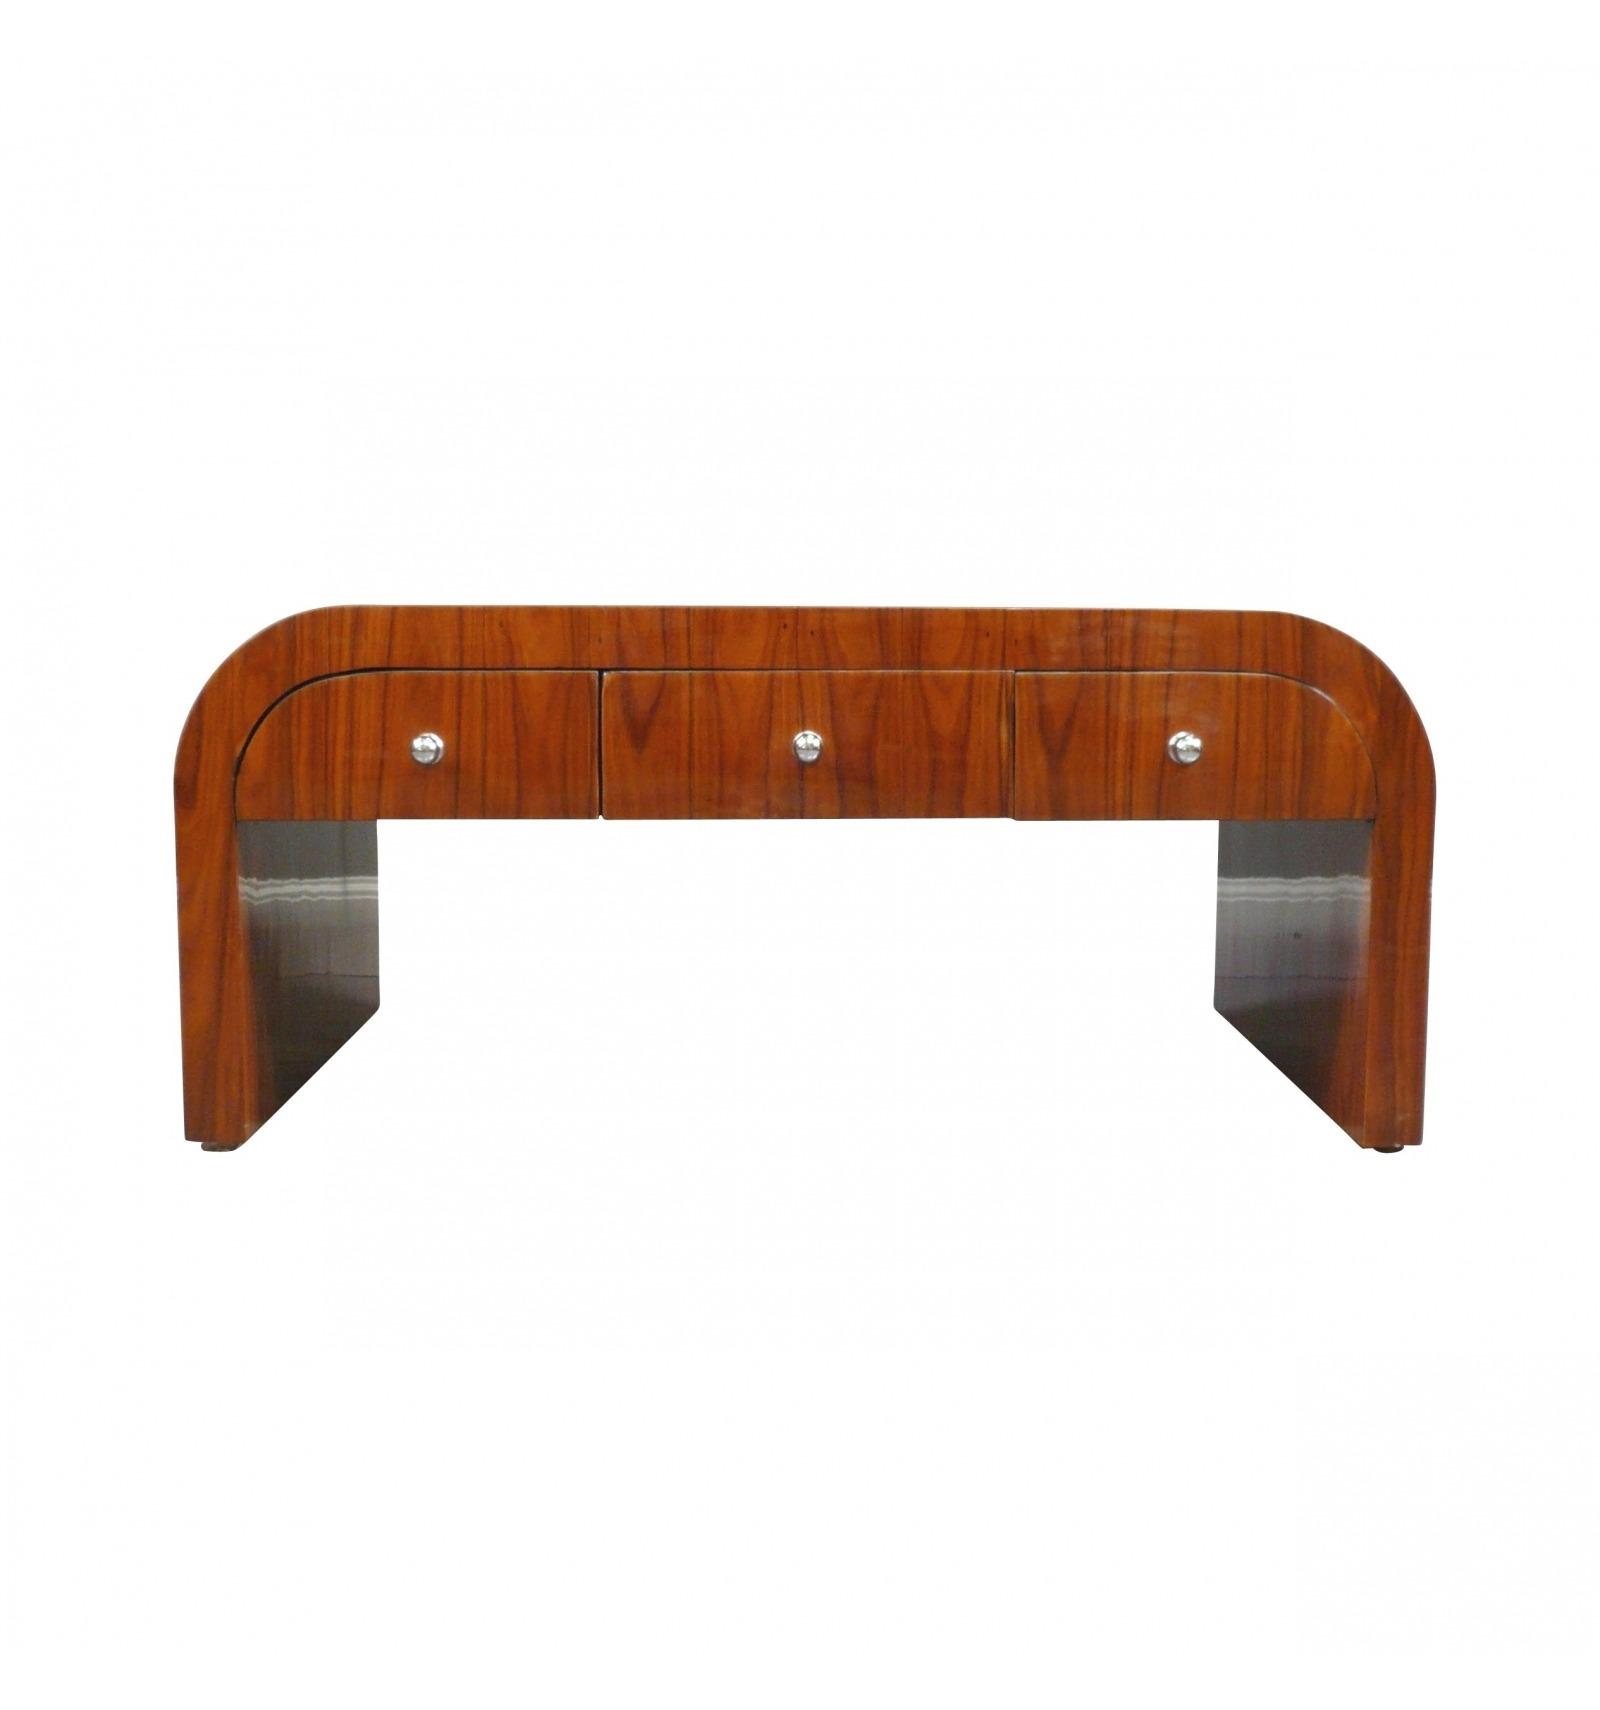 Table basse art d co en palissandre six tiroirs - Deco fr table basse ...